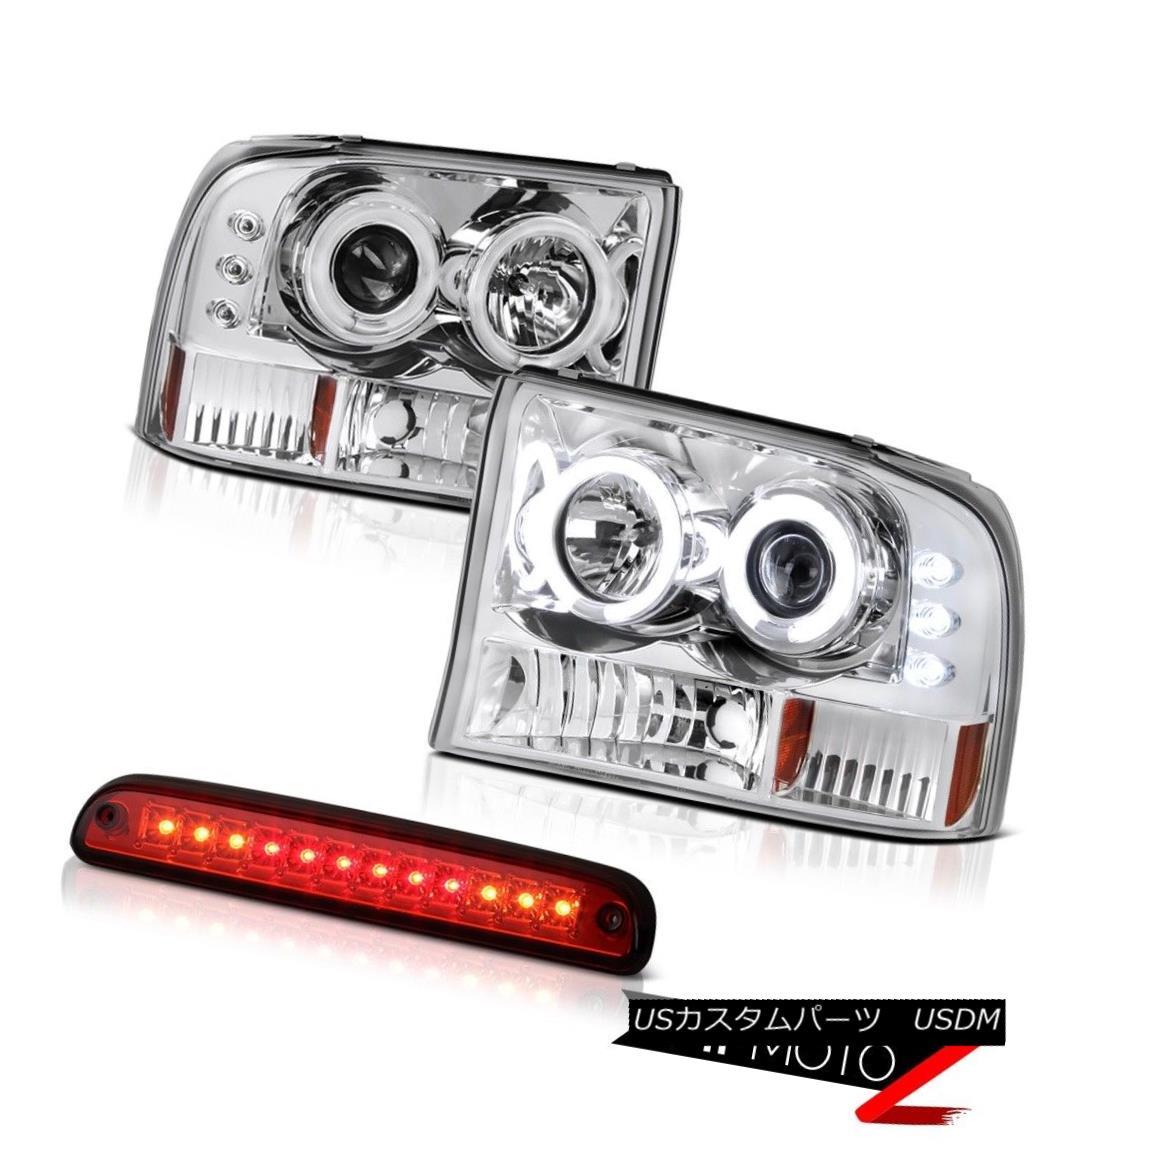 ヘッドライト 99 00 01 02 03 04 F250 XLT CCFL Chrome Halo Headlights Wine Red Third Brake LED 99 00 01 02 03 04 F250 XLT CCFLクロームハローヘッドライトワインレッド第3ブレーキLED